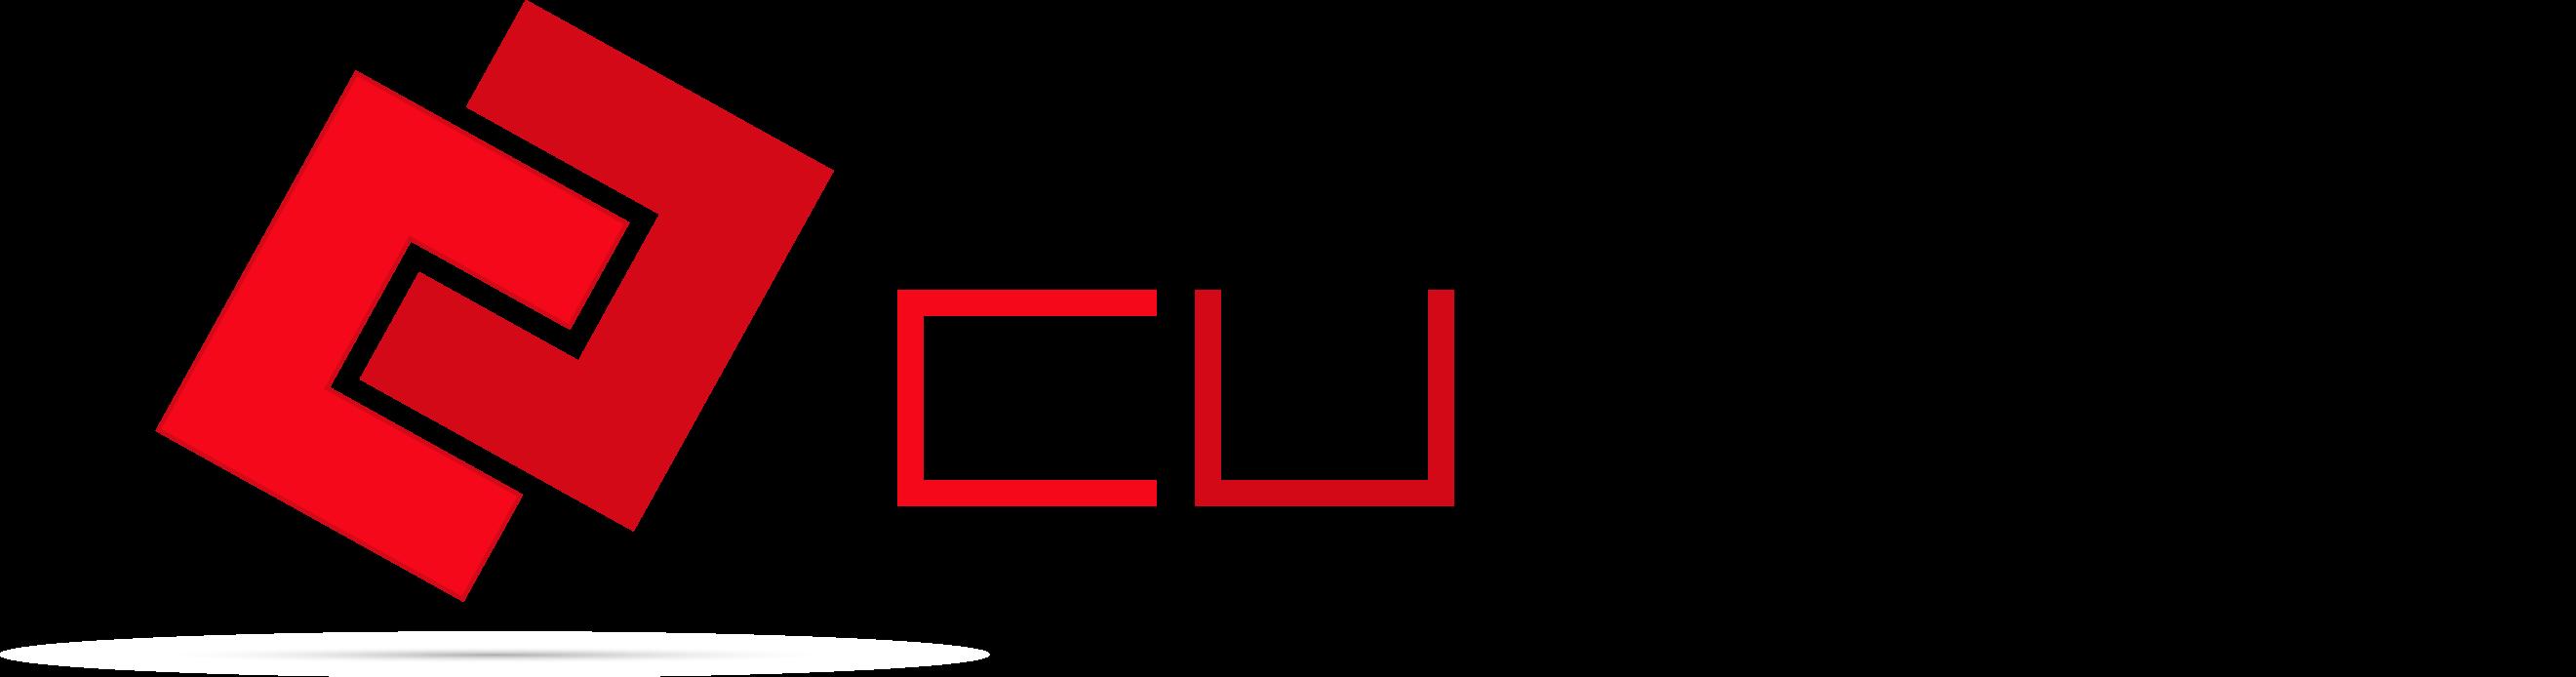 CU Ledger